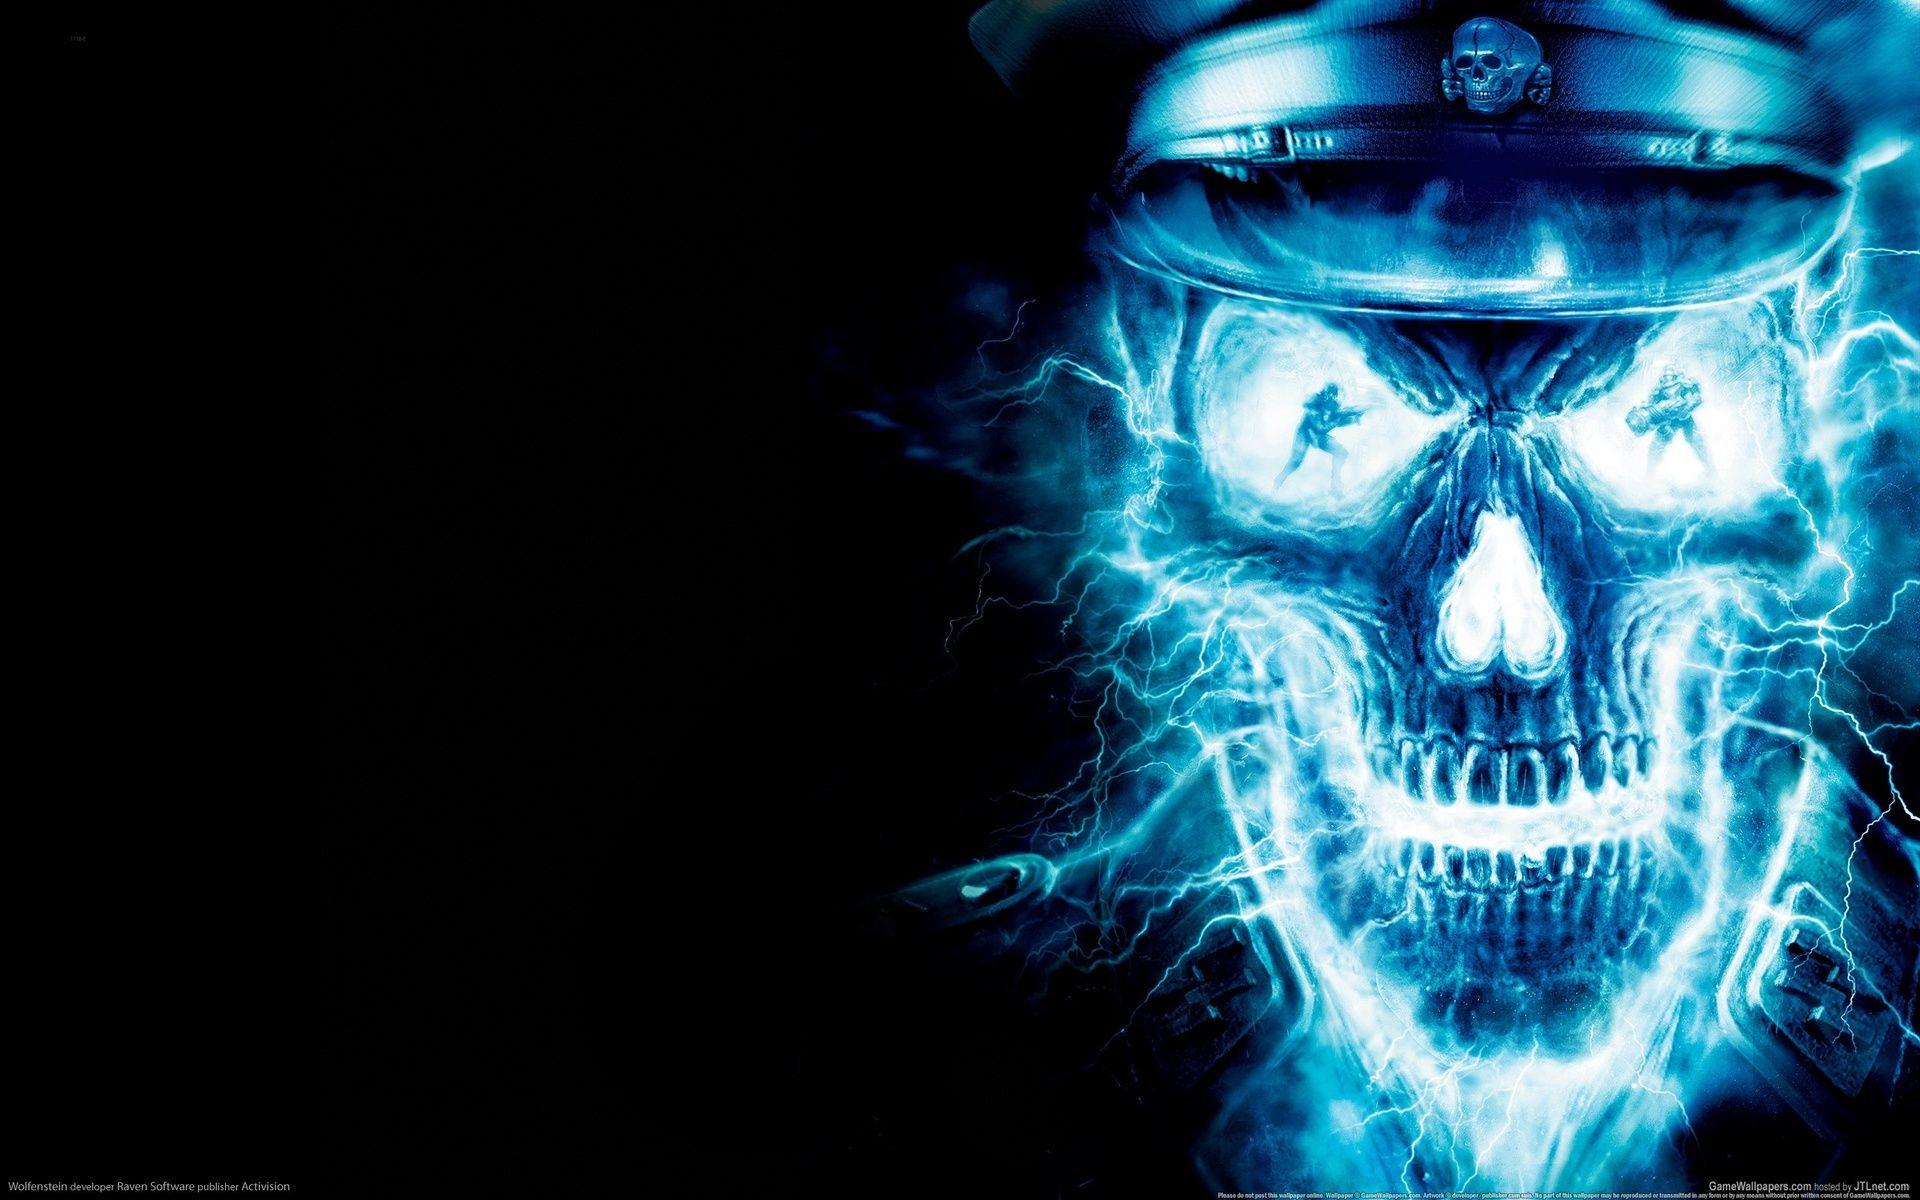 Fond d cran hd call of duty ghost fond d 39 cran hd for Fond ecran gratuit hd